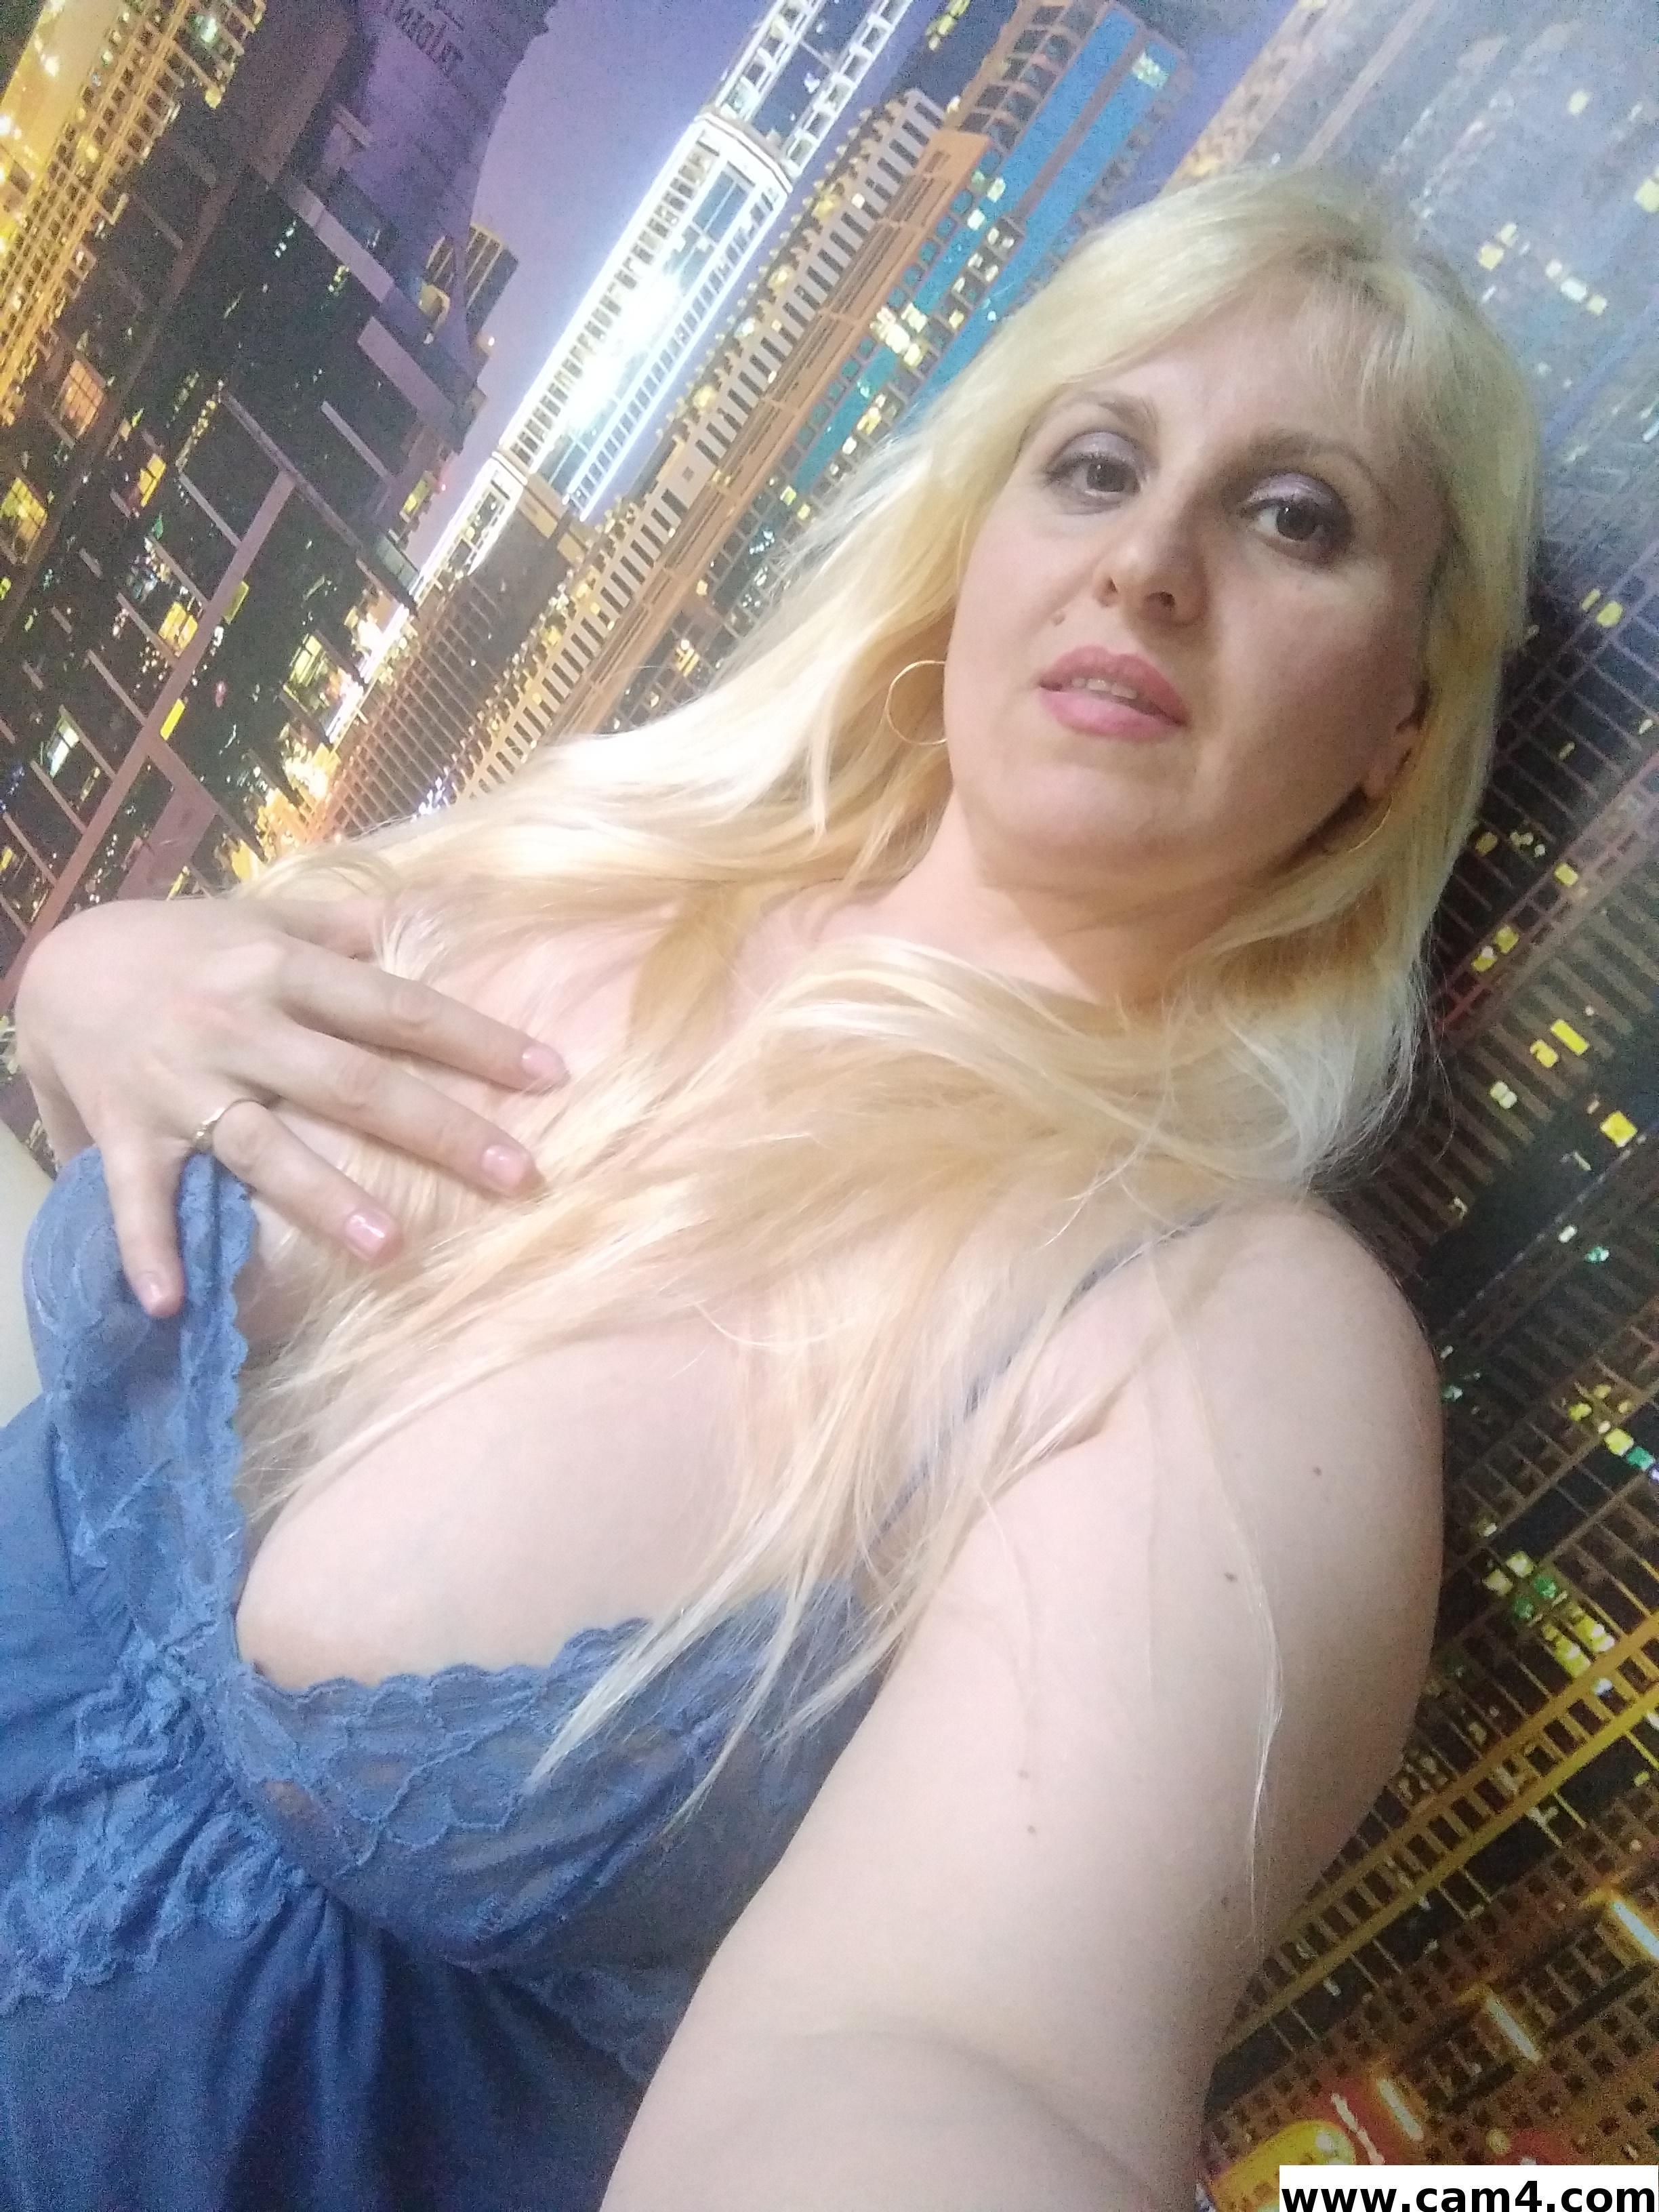 Blondabella?s=2vrojmazwywwoumdlwfng0repvbki2jloirpnvw2v70=